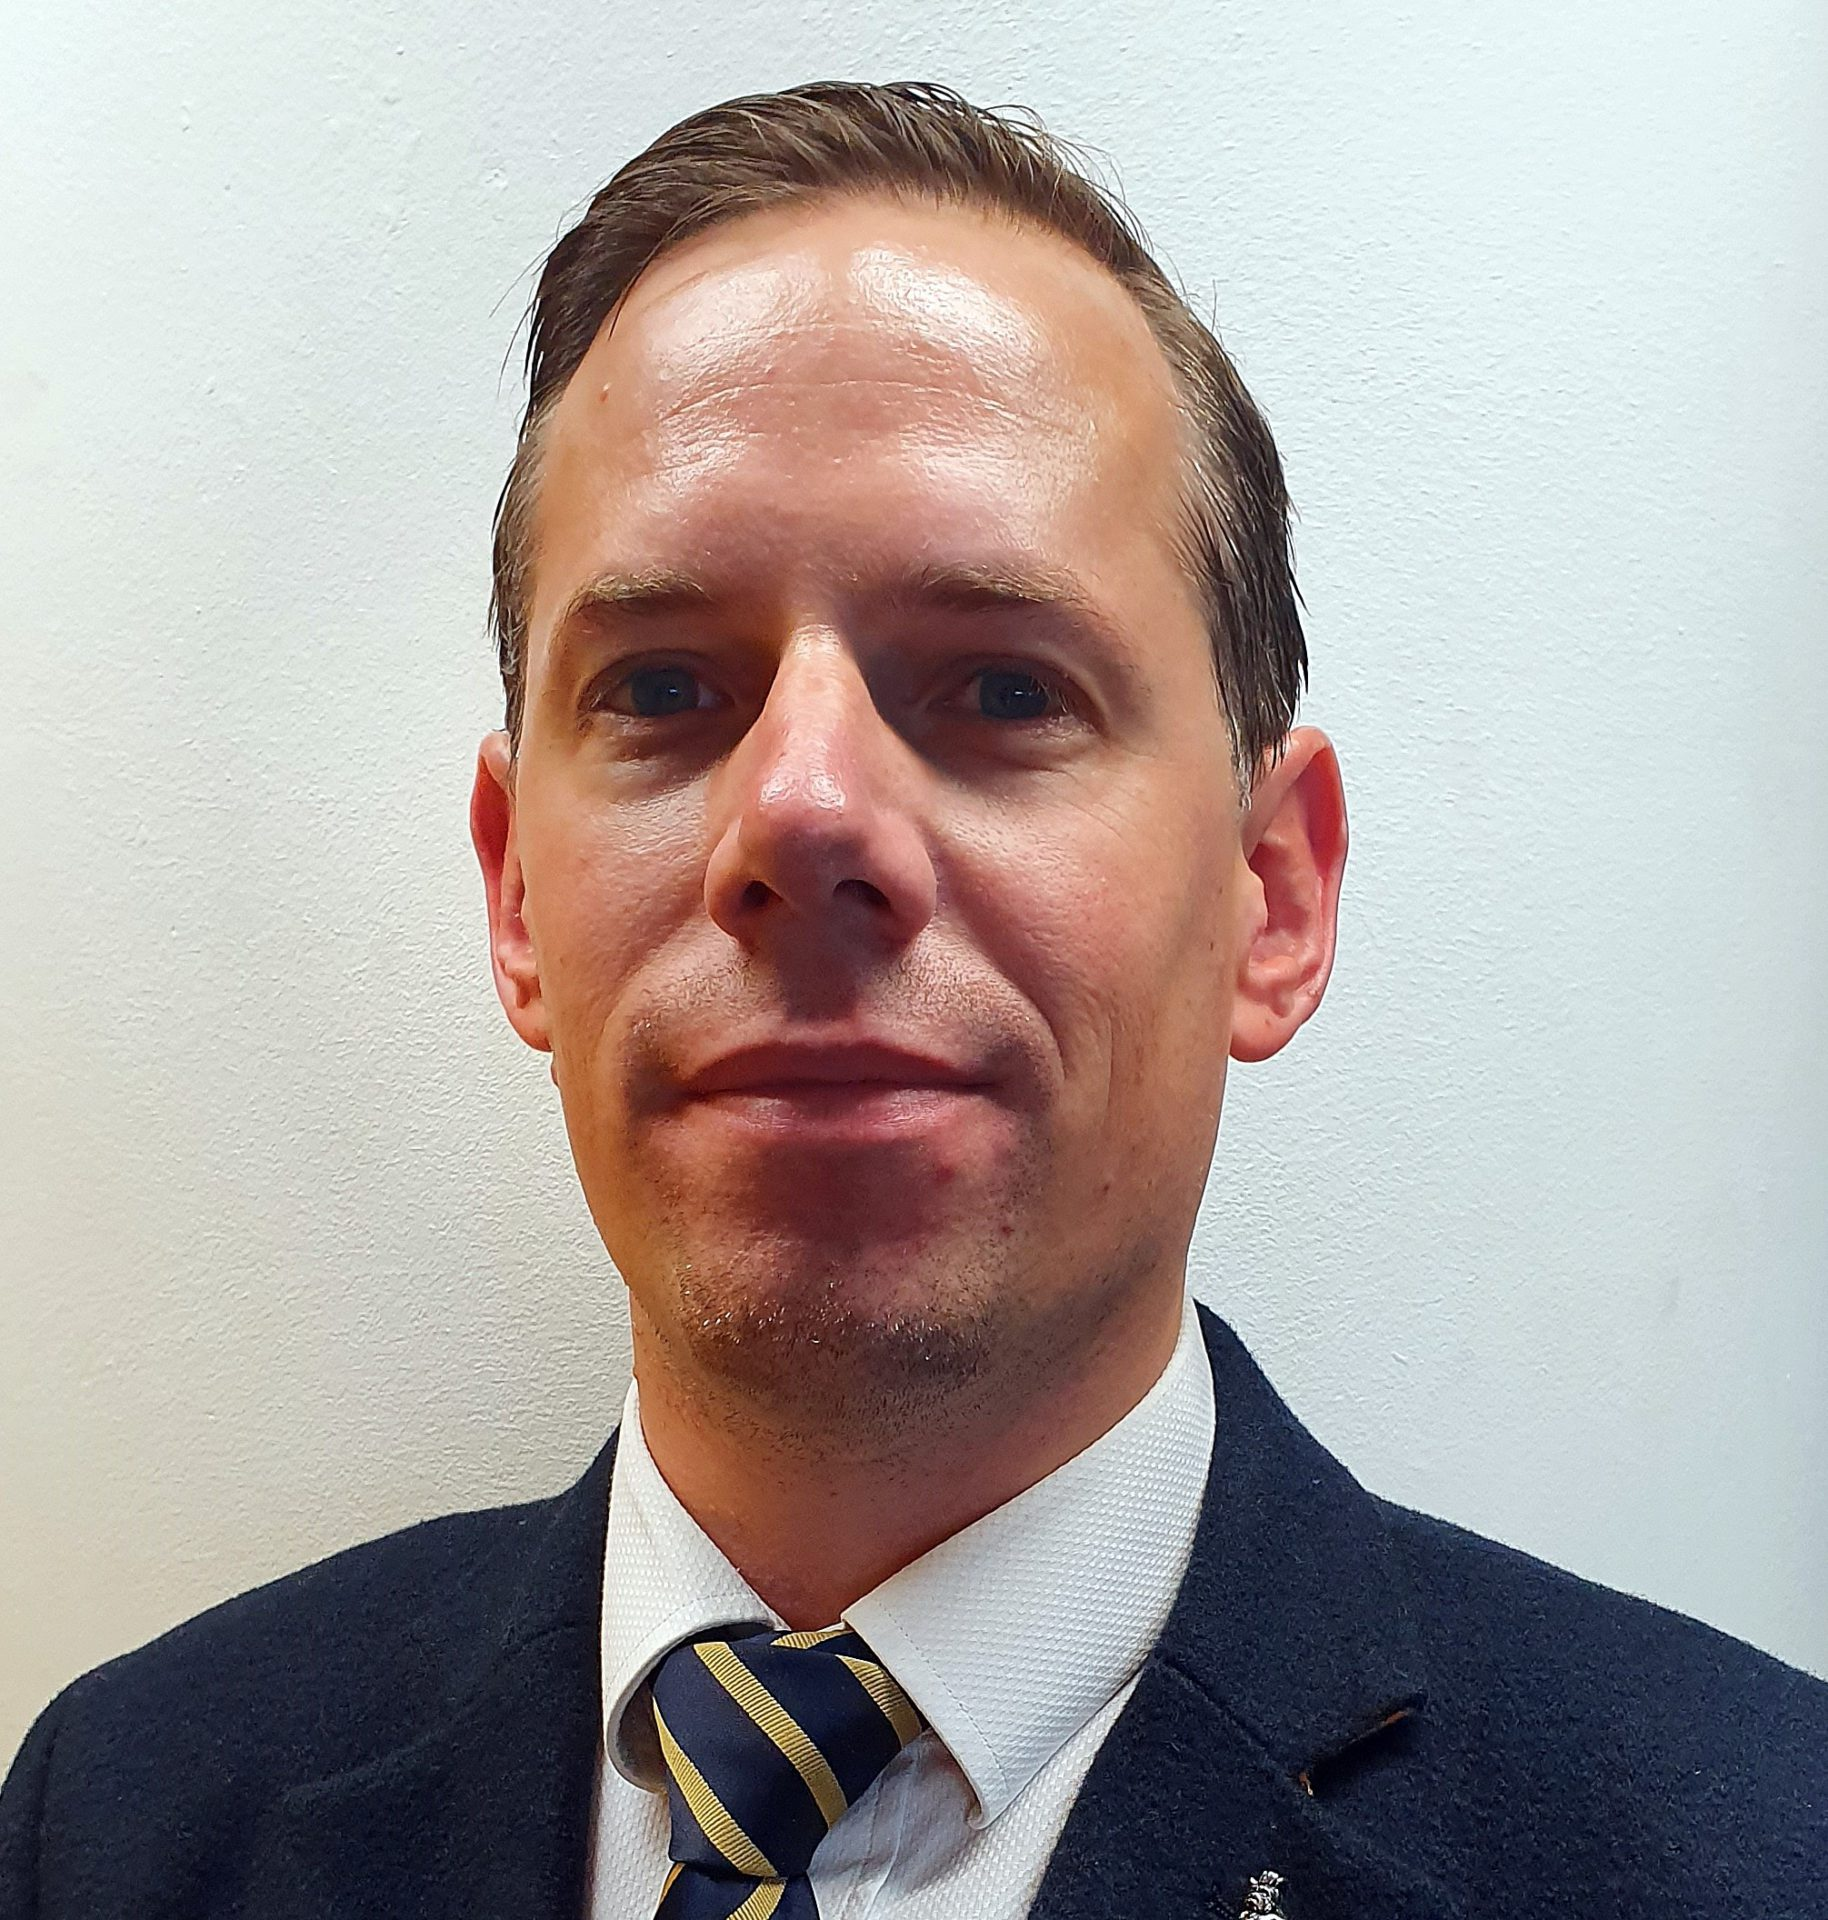 David-Oades-RiskPal-HP-Risk-Management.jpg